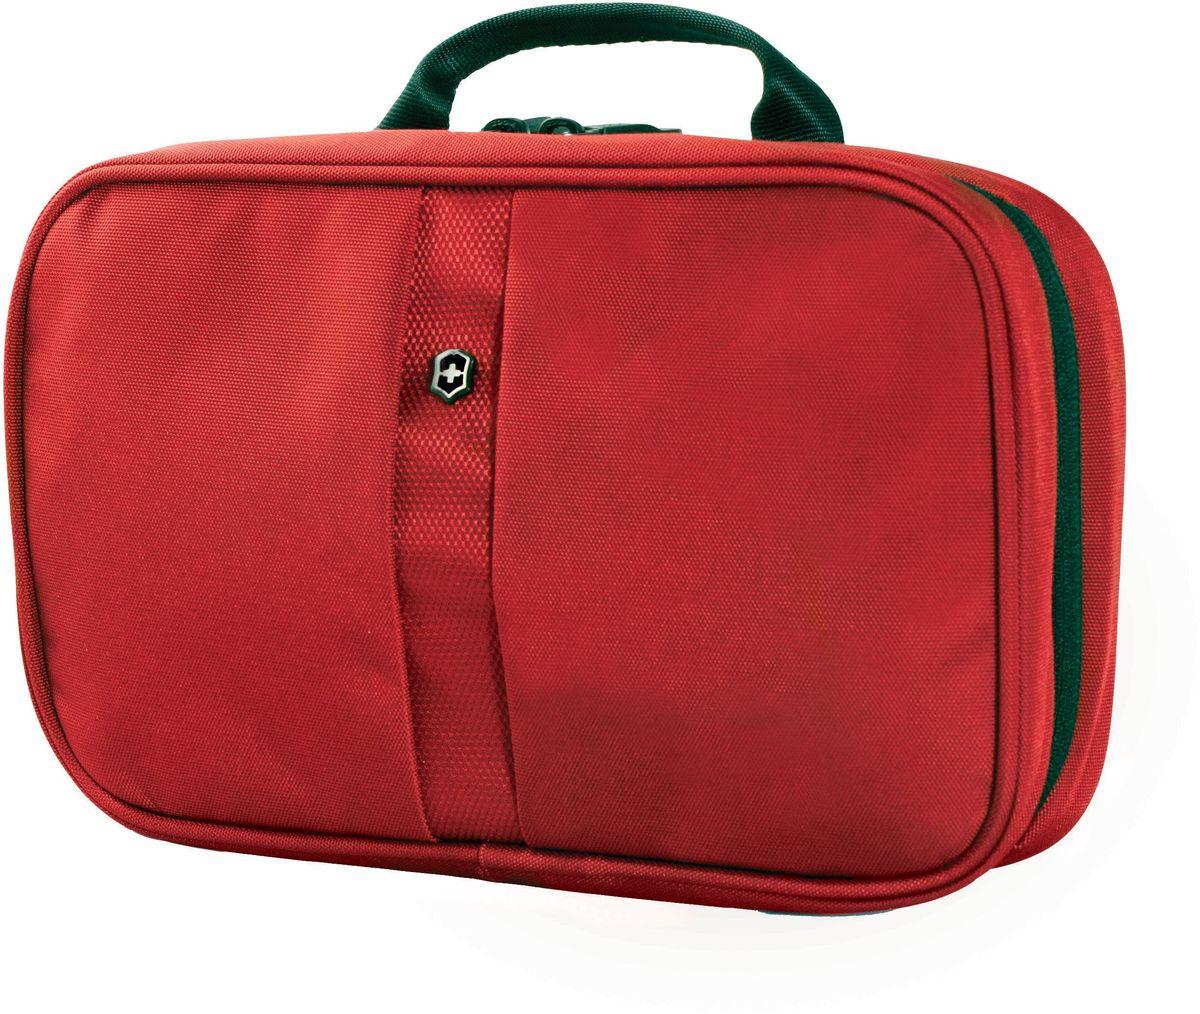 Несессер Victorinox Zip-Around Travel Kit, цвет: красный, 28 х 8 х 18 см23008Несессер Victorinox Zip-Around Travel Kit, выполненный из нейлона, идеально подходит для хранения небольших туалетных принадлежностей. Основное отделение имеет два кармана из воздухопроницаемой сетки AirMesh, большой карман на молнии, непромокаемое отделение с легкой в уходе антибактериальной подкладкой и съемное отделение с карманом на молнии. Благодаря специальному крючку, который легко спрятать, когда он не используется, несессер можно повесить на держатель для душа либо полотенец. Также изделие снабжено удобной ручкой для переноски.